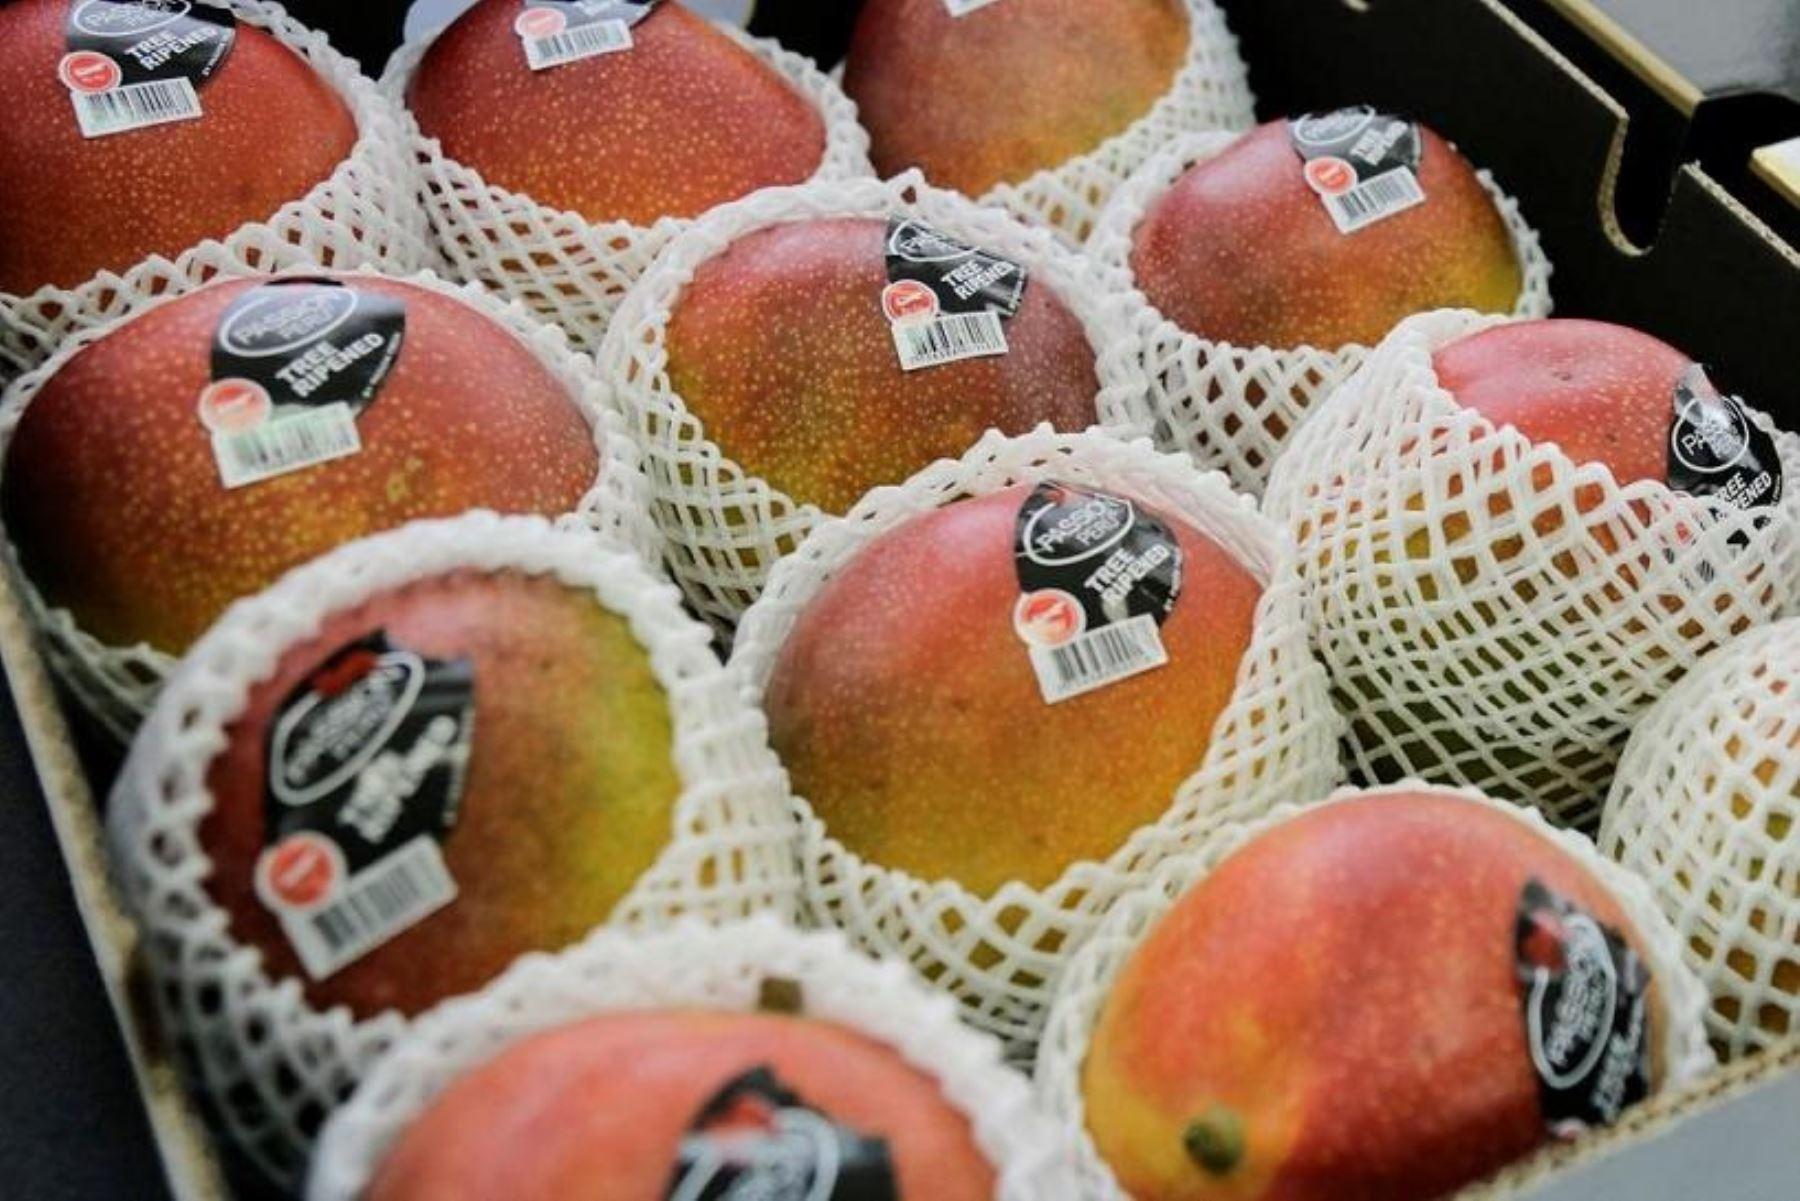 Mango de Casma para exportación. Foto: Cortesía Mincetur.